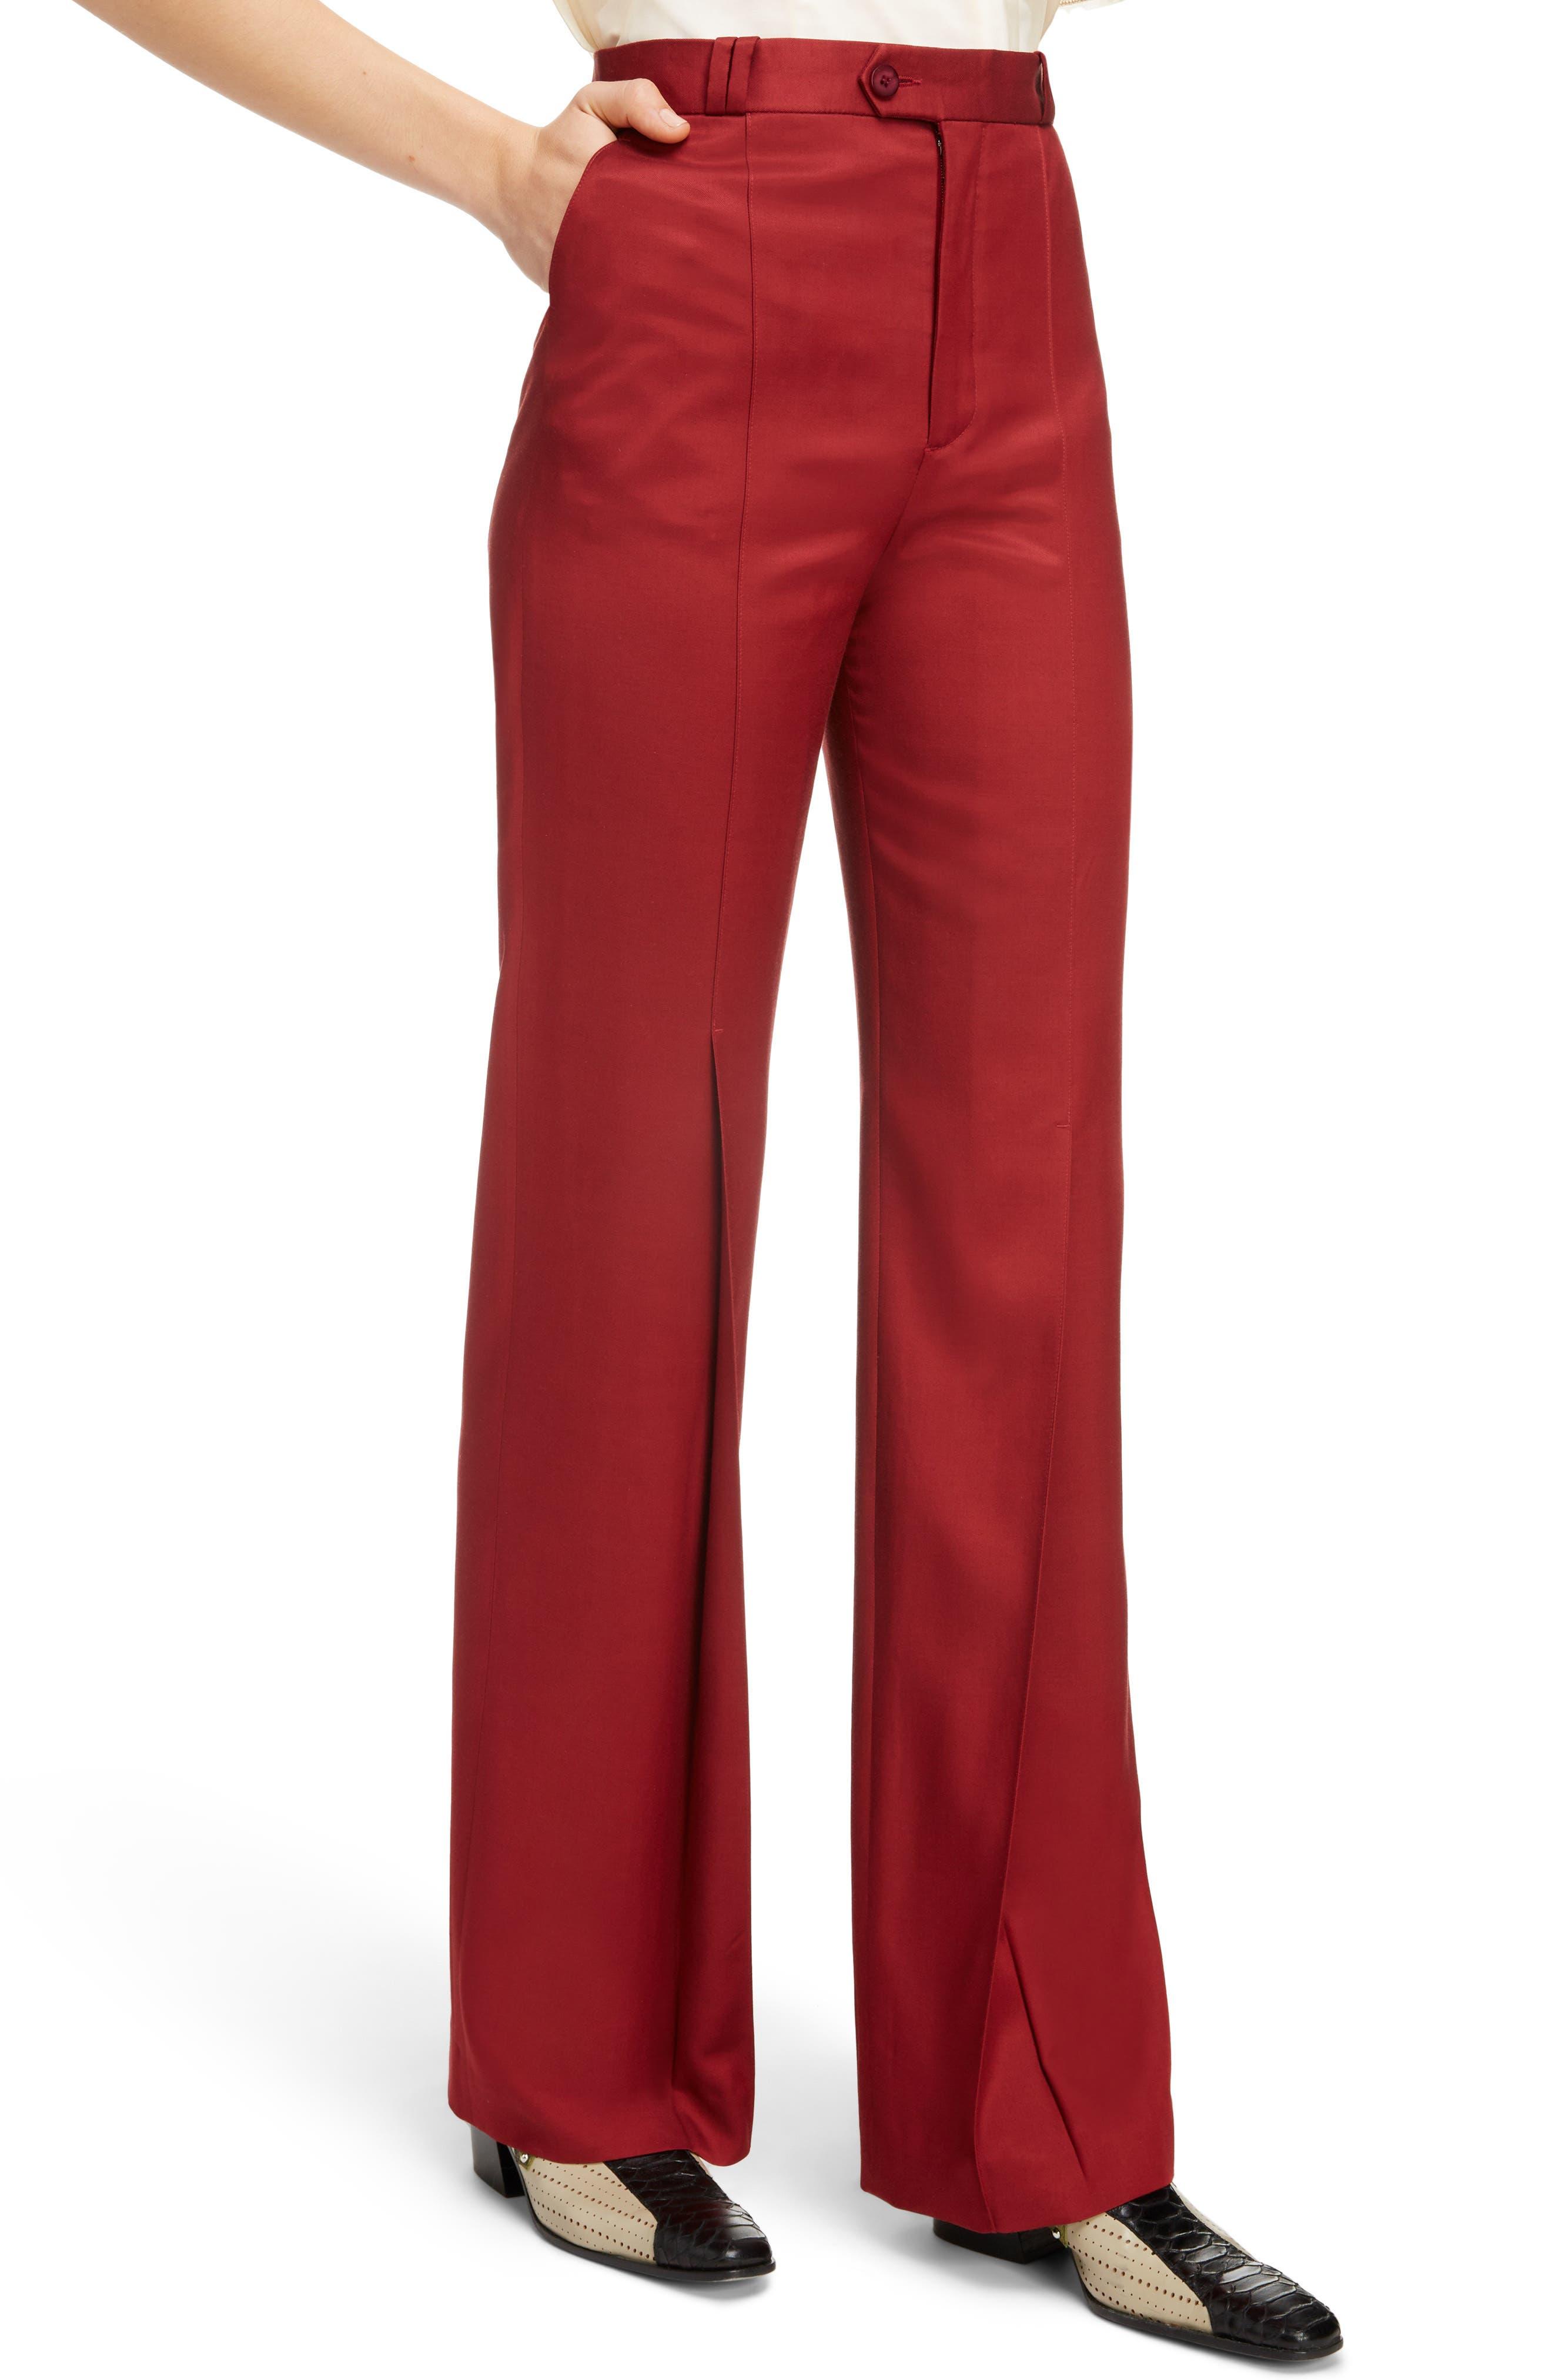 Tohny Suit Pants,                             Alternate thumbnail 4, color,                             930